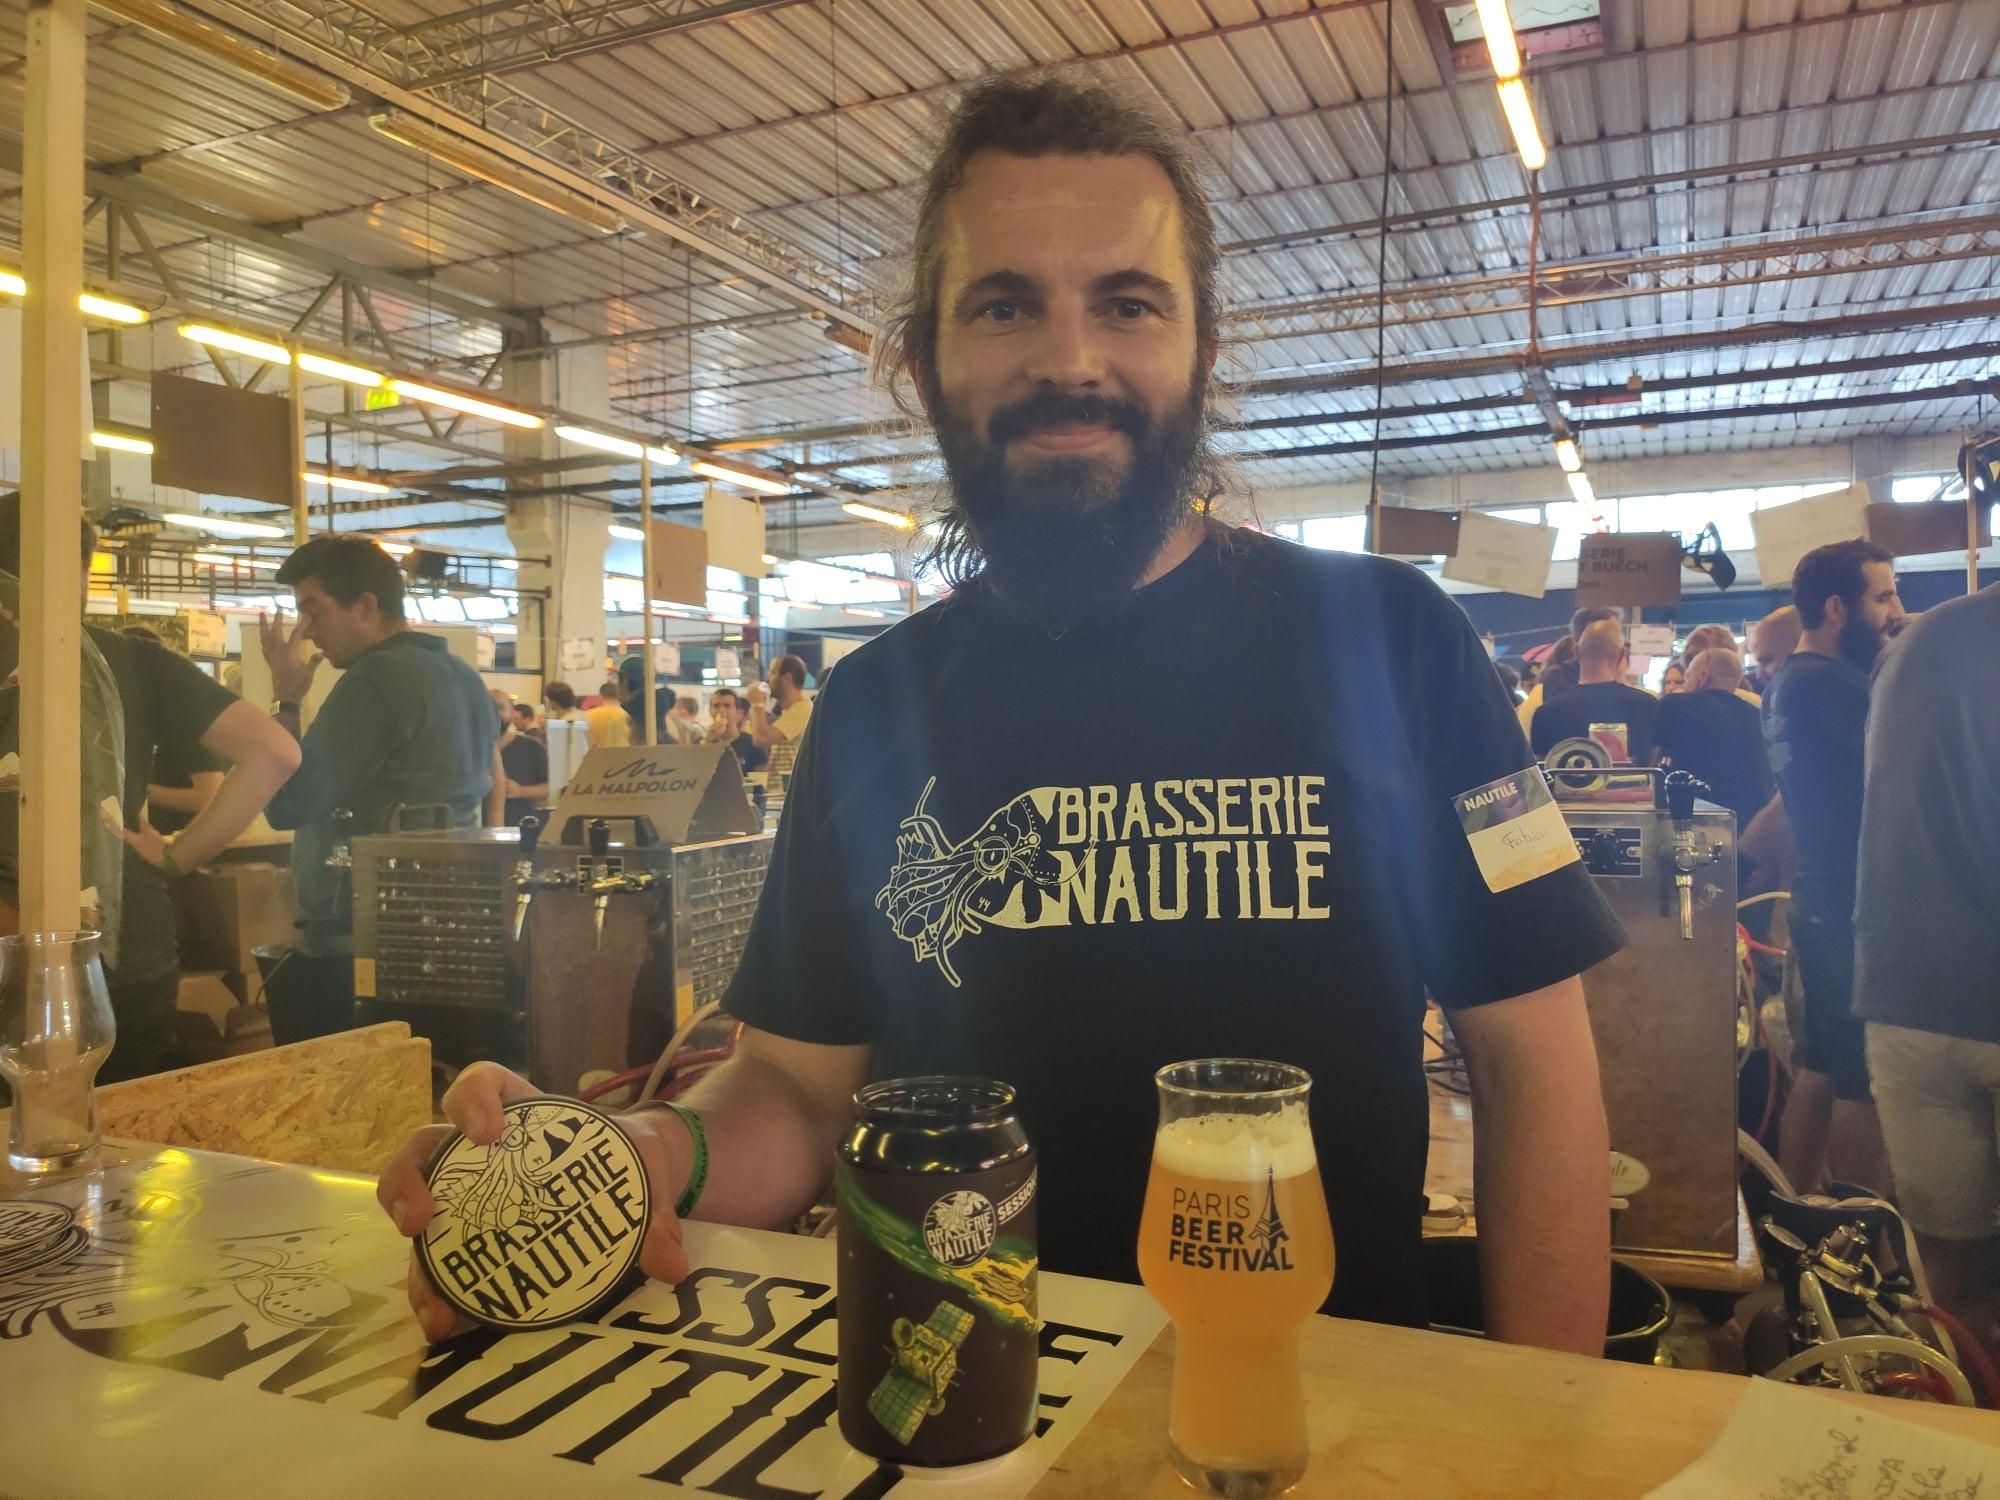 Paris Beer Festival - Brasserie Nautile